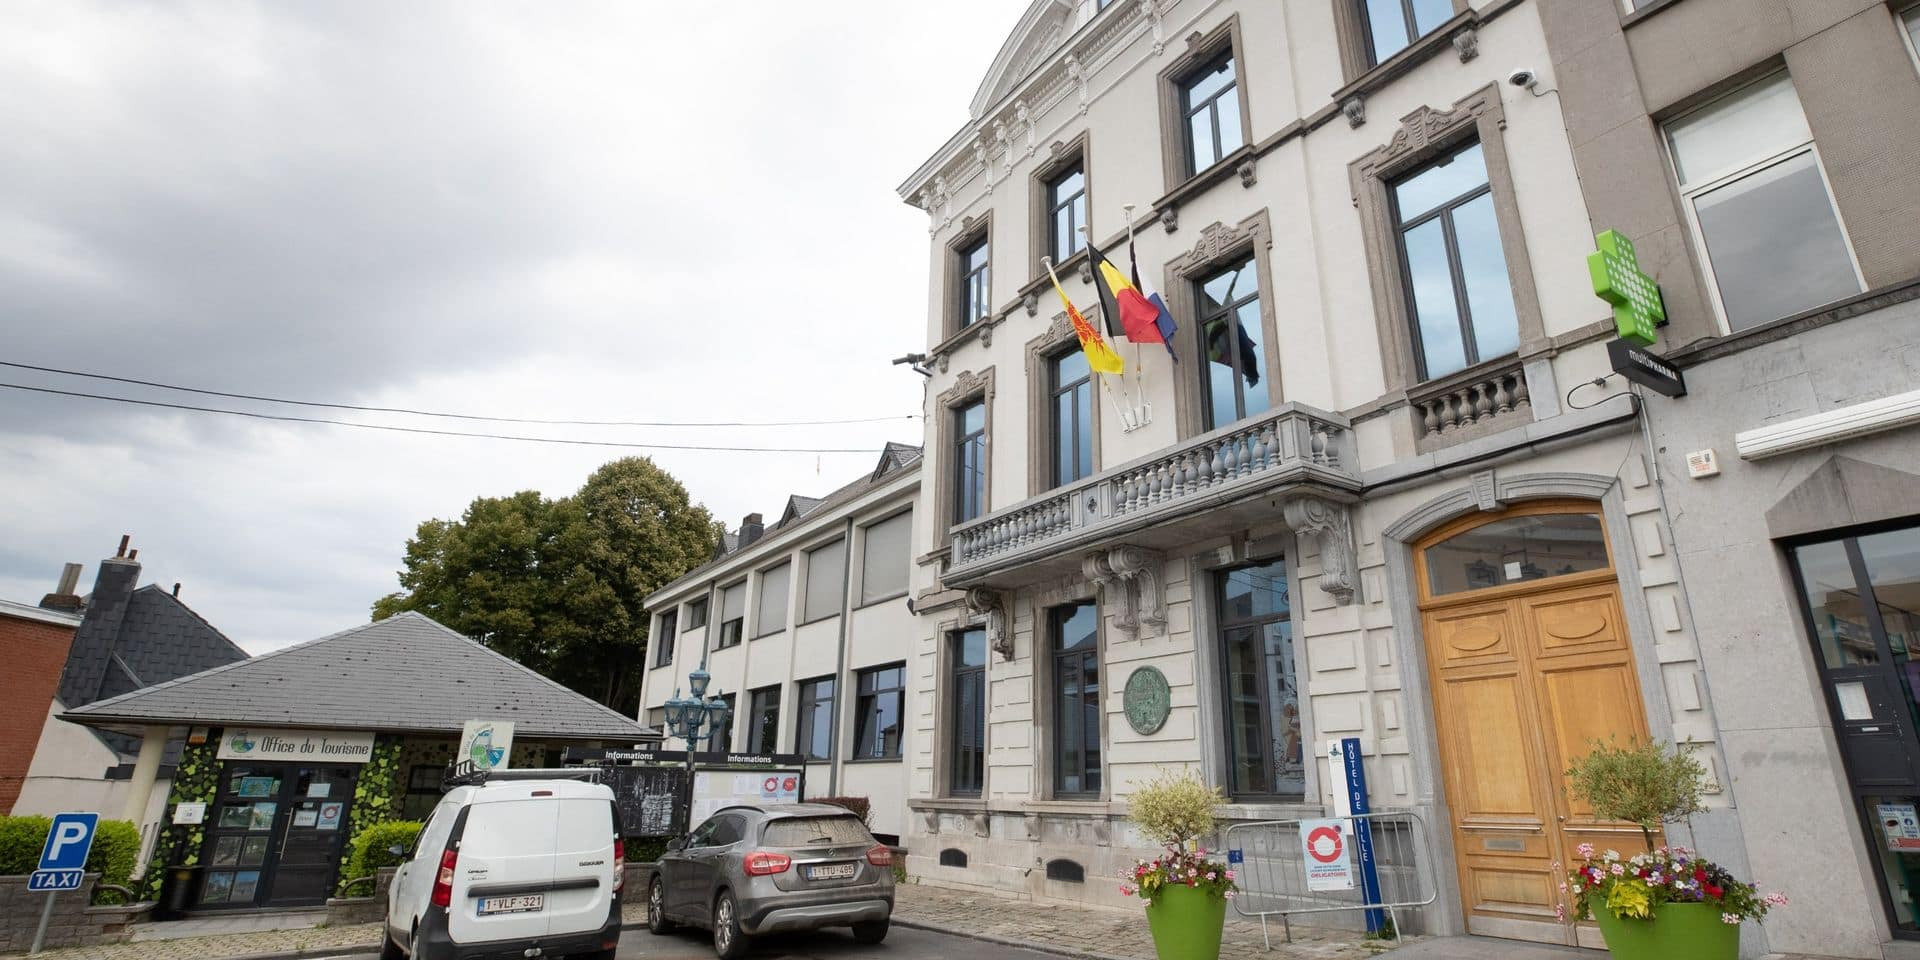 Braine-le-Comte: déjà 186 000 euros de frais liés au Covid-19